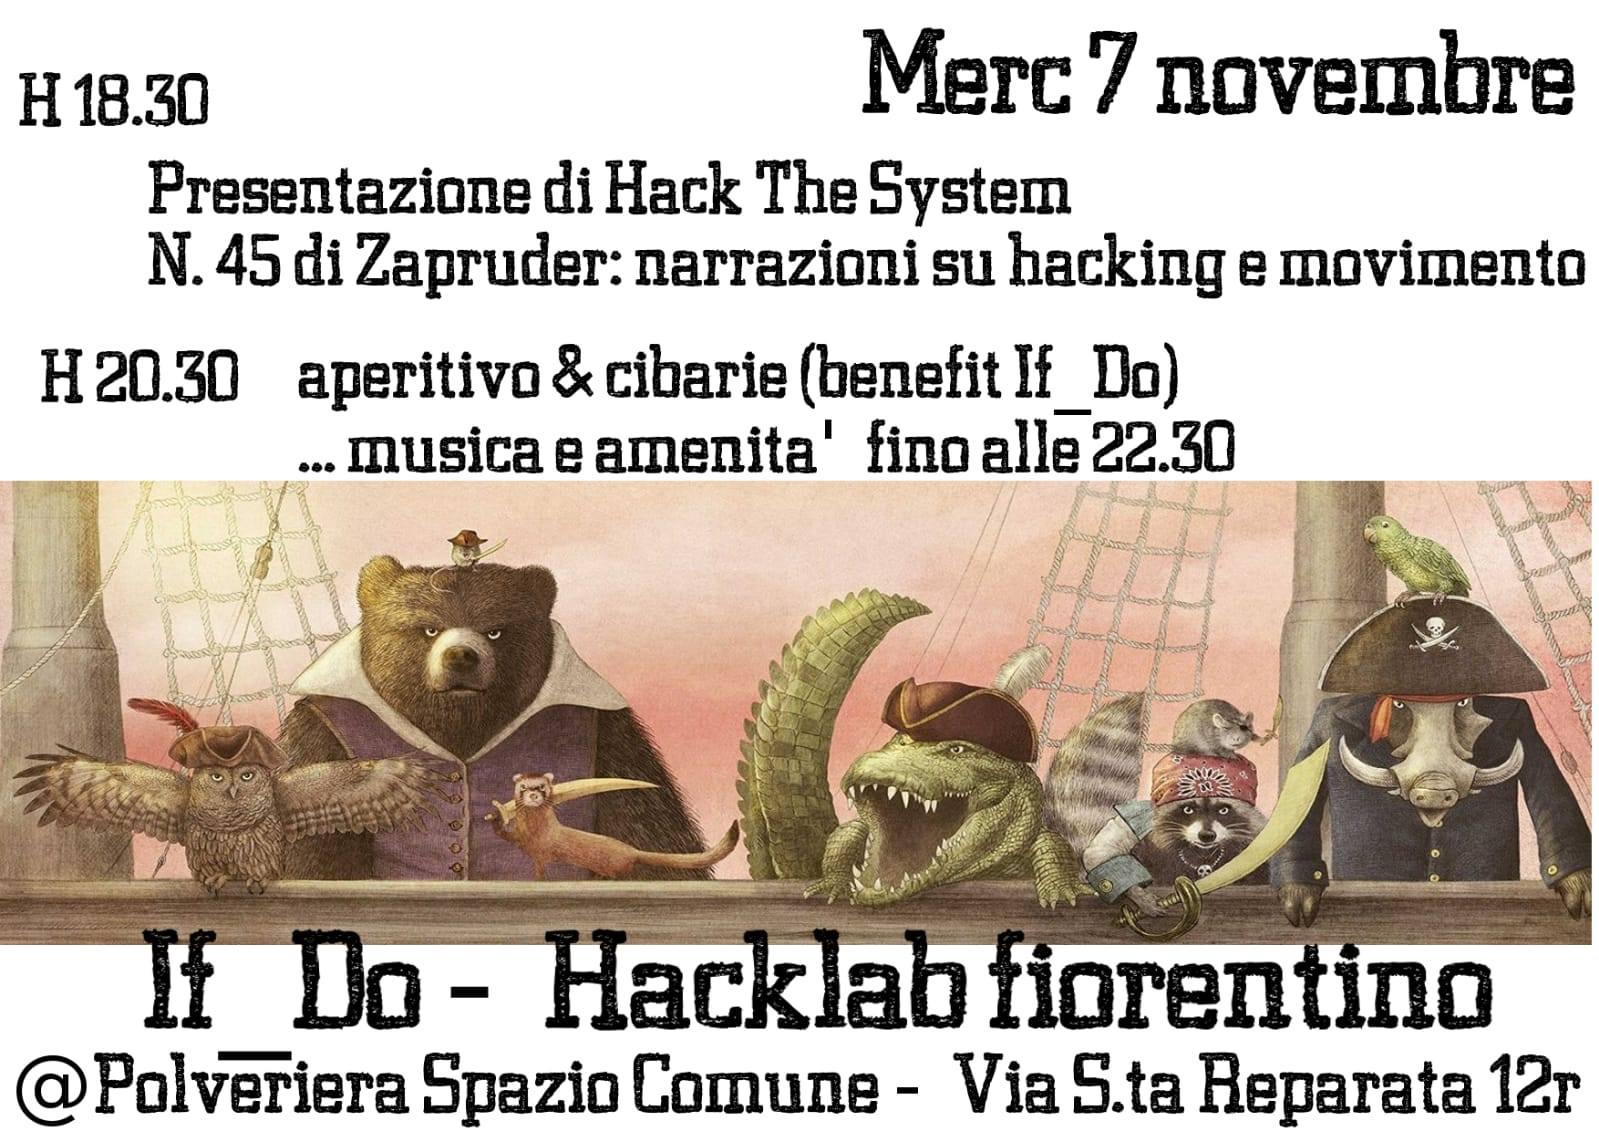 Mercoledì 7 Novembre: ore 18:30 Presentazione di Hack The System, n. 45 di Zapruder, ore 20.30 aperitivo, cibarie, musica e amenità